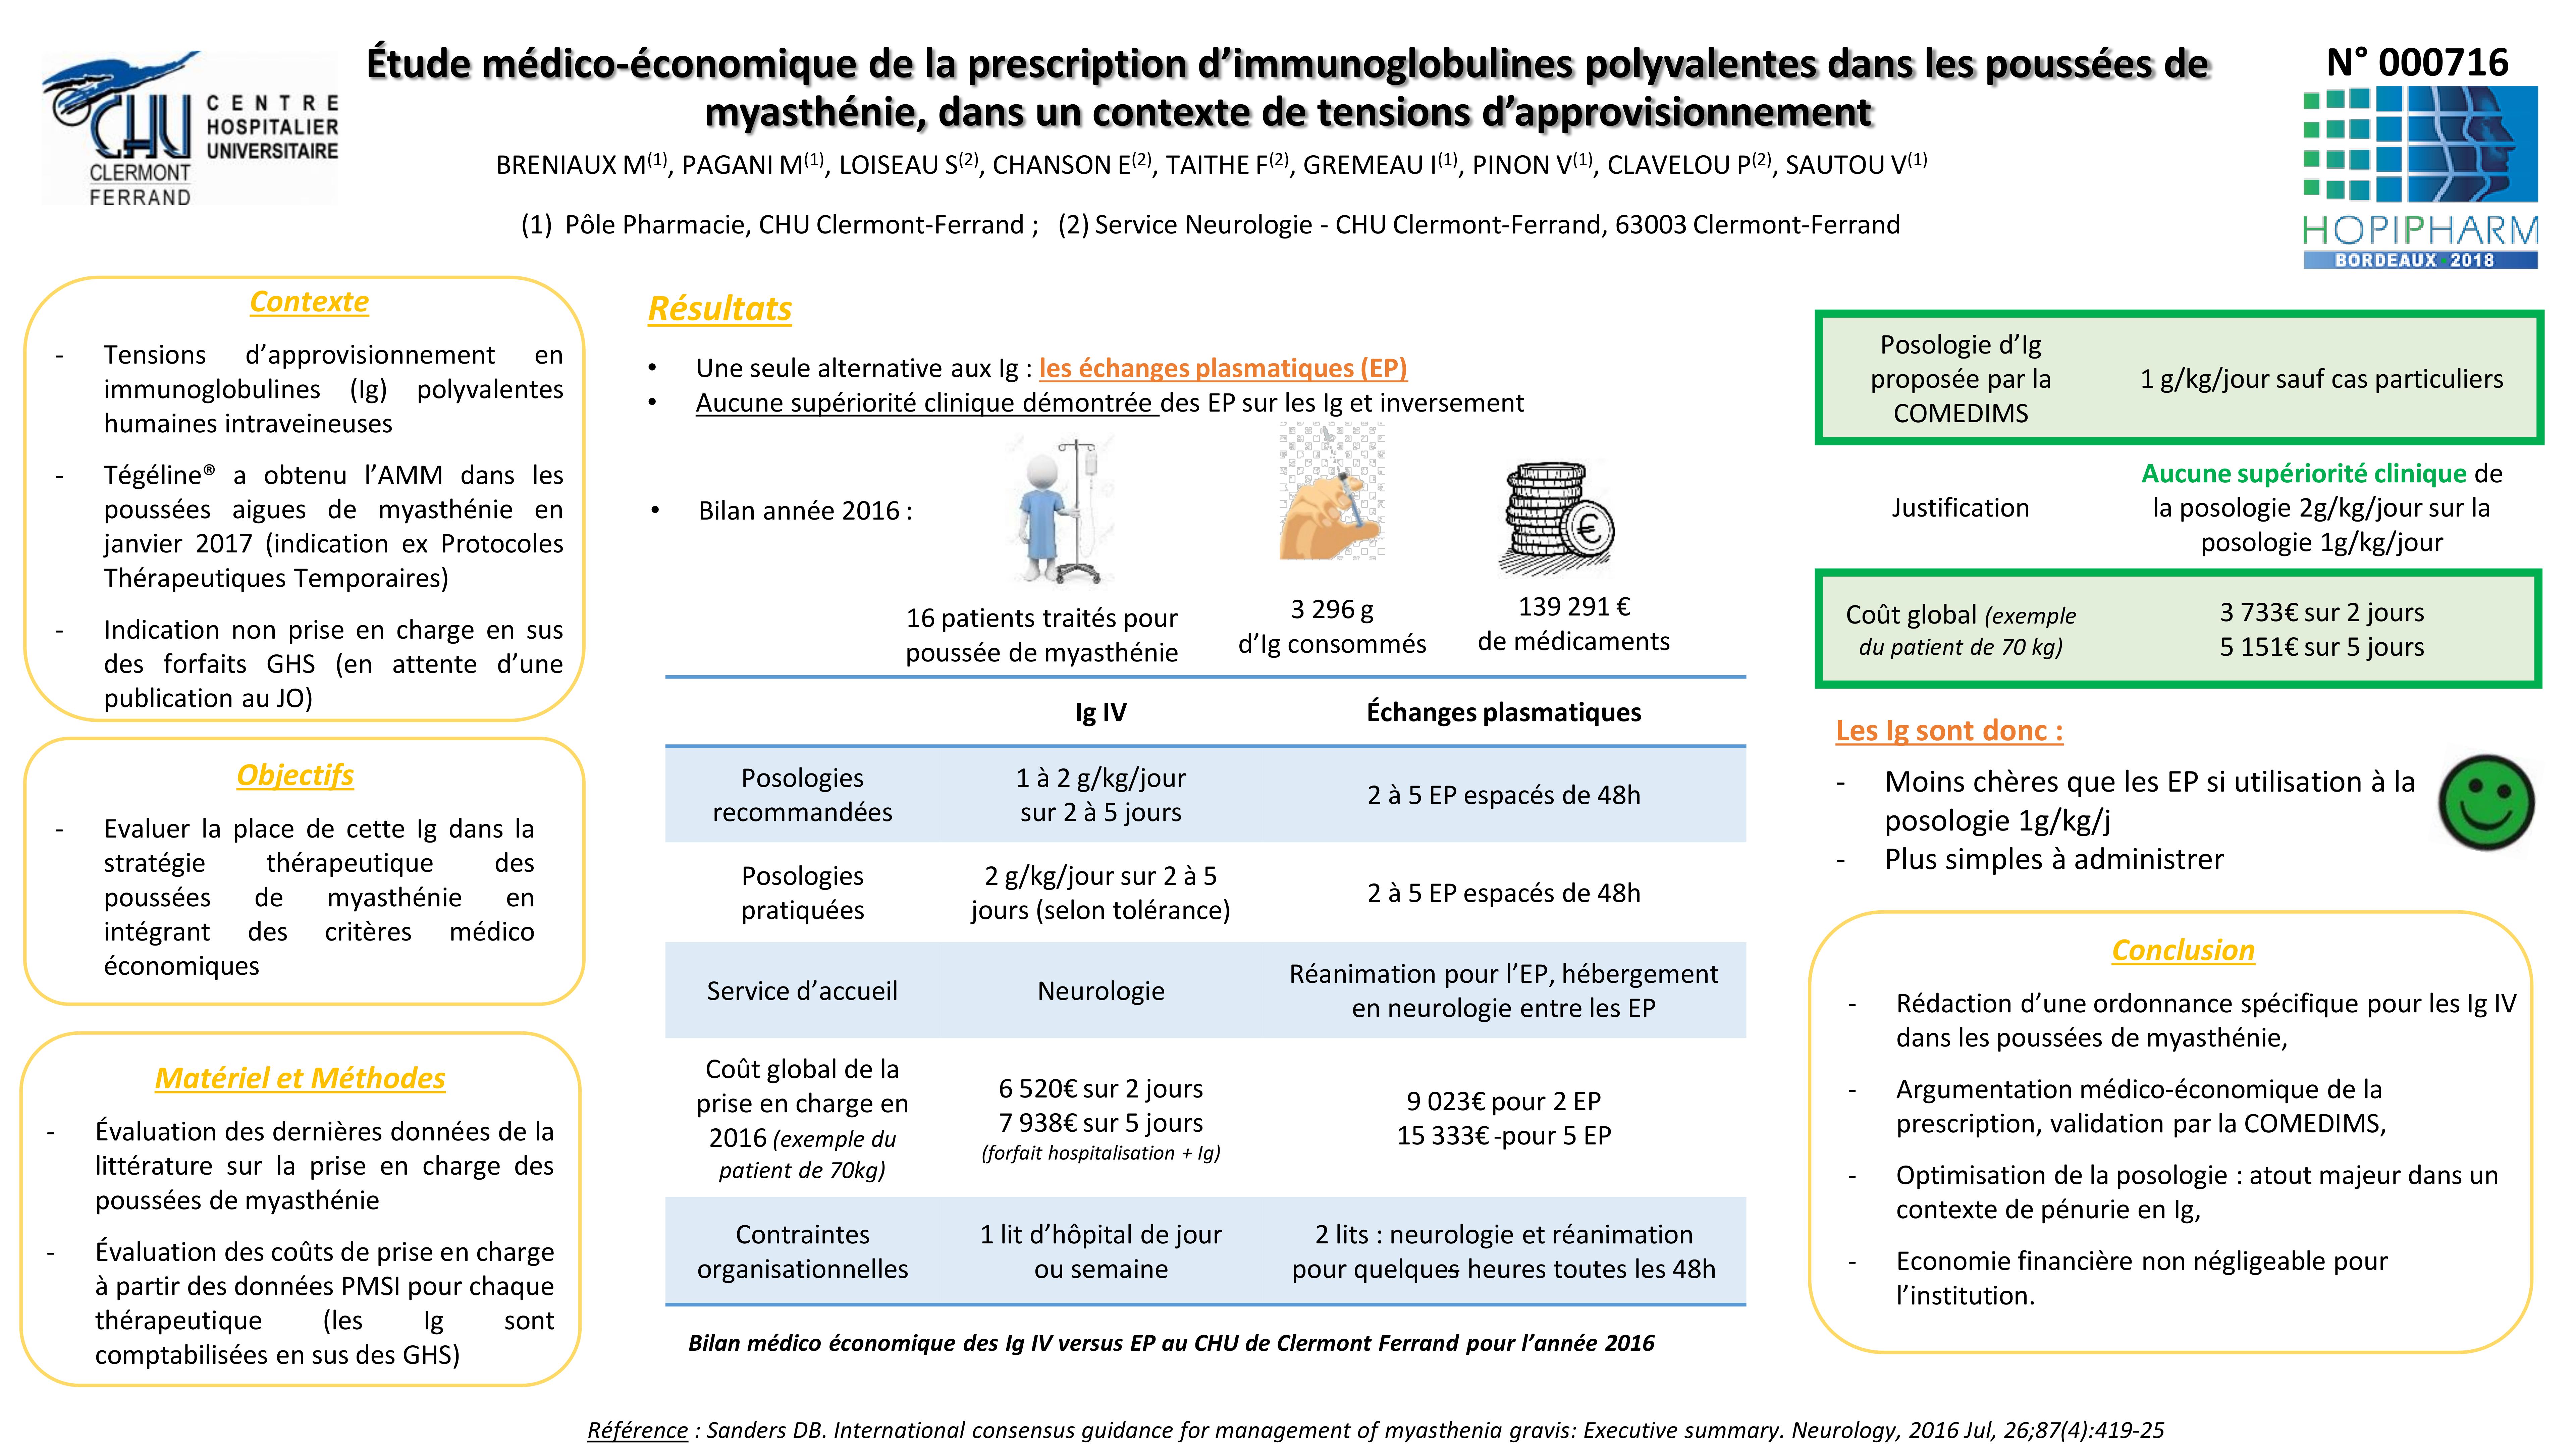 000716 - Etude médico-économique de la prescription d ...